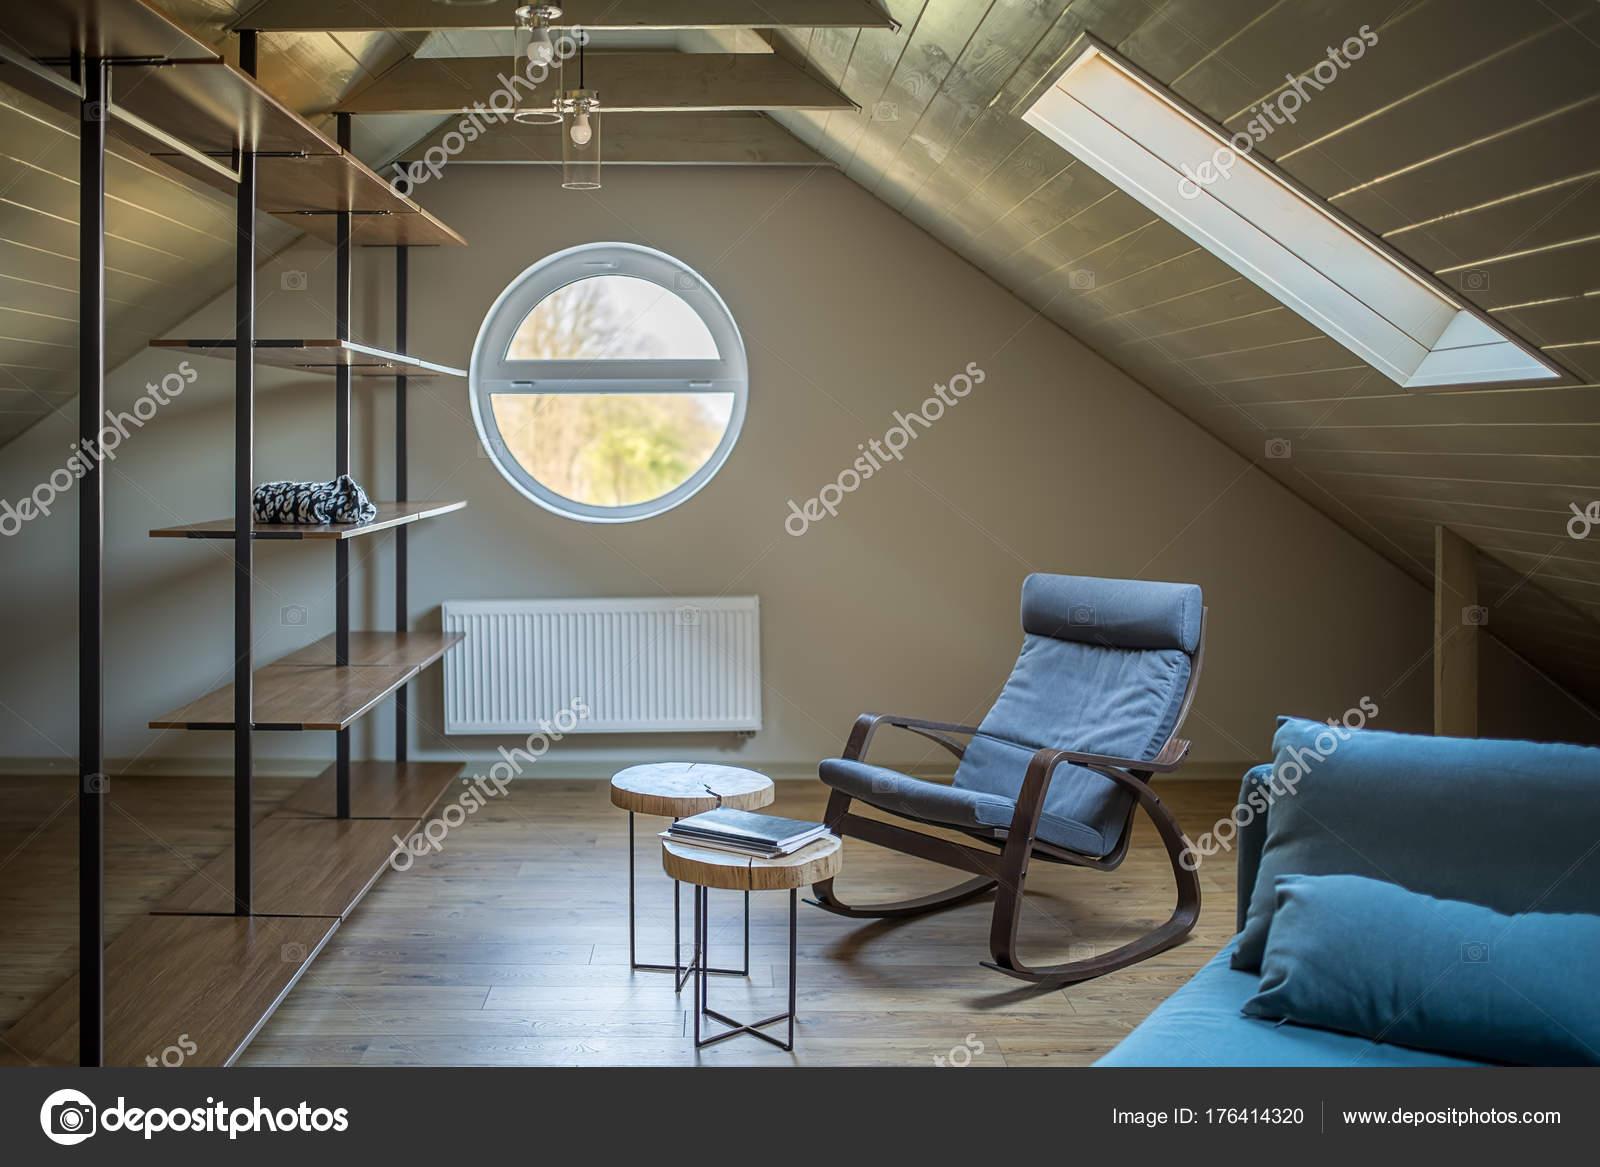 AuBergewohnlich Dachgeschoss Im Modernen Stil U2014 Stockfoto